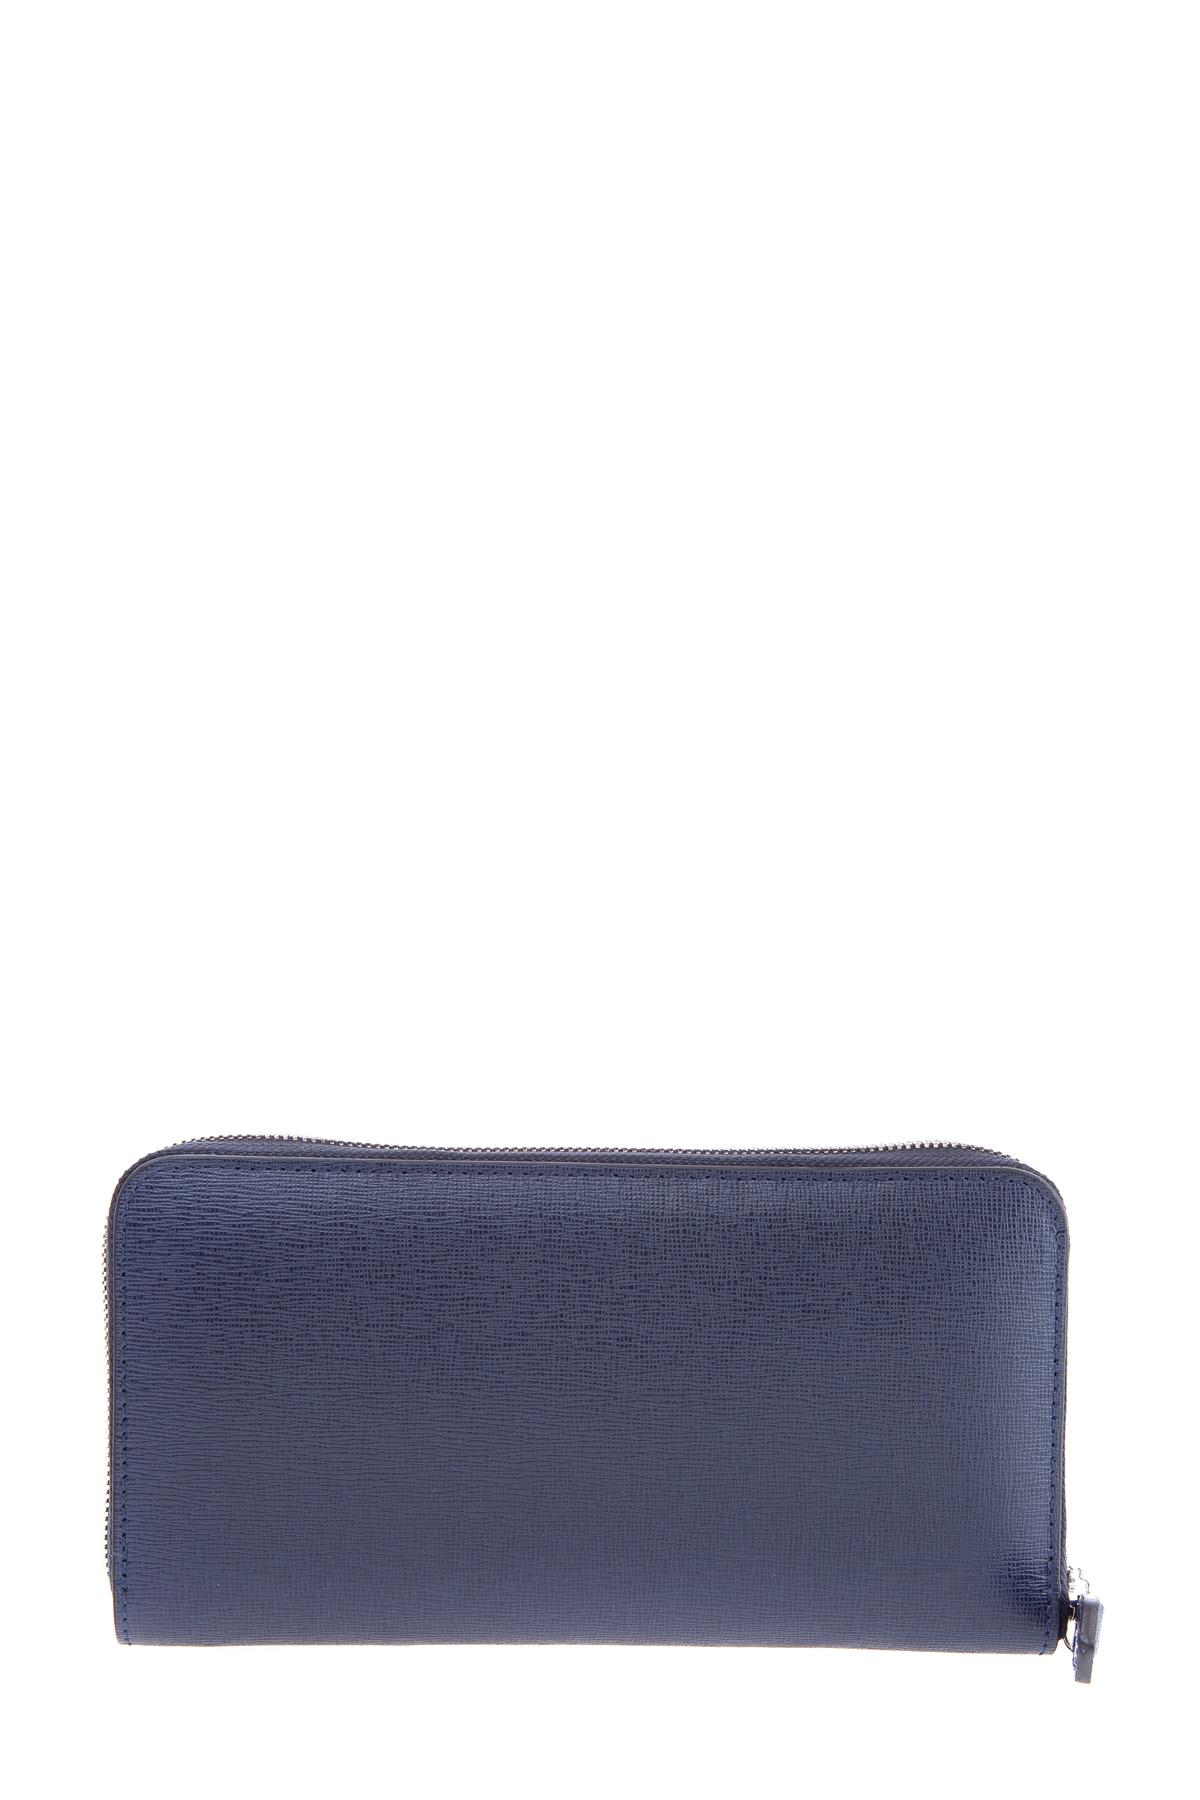 Купить Вместительное портмоне из сафьяновой кожи синего цвета, CANALI, Италия, кожа 100%